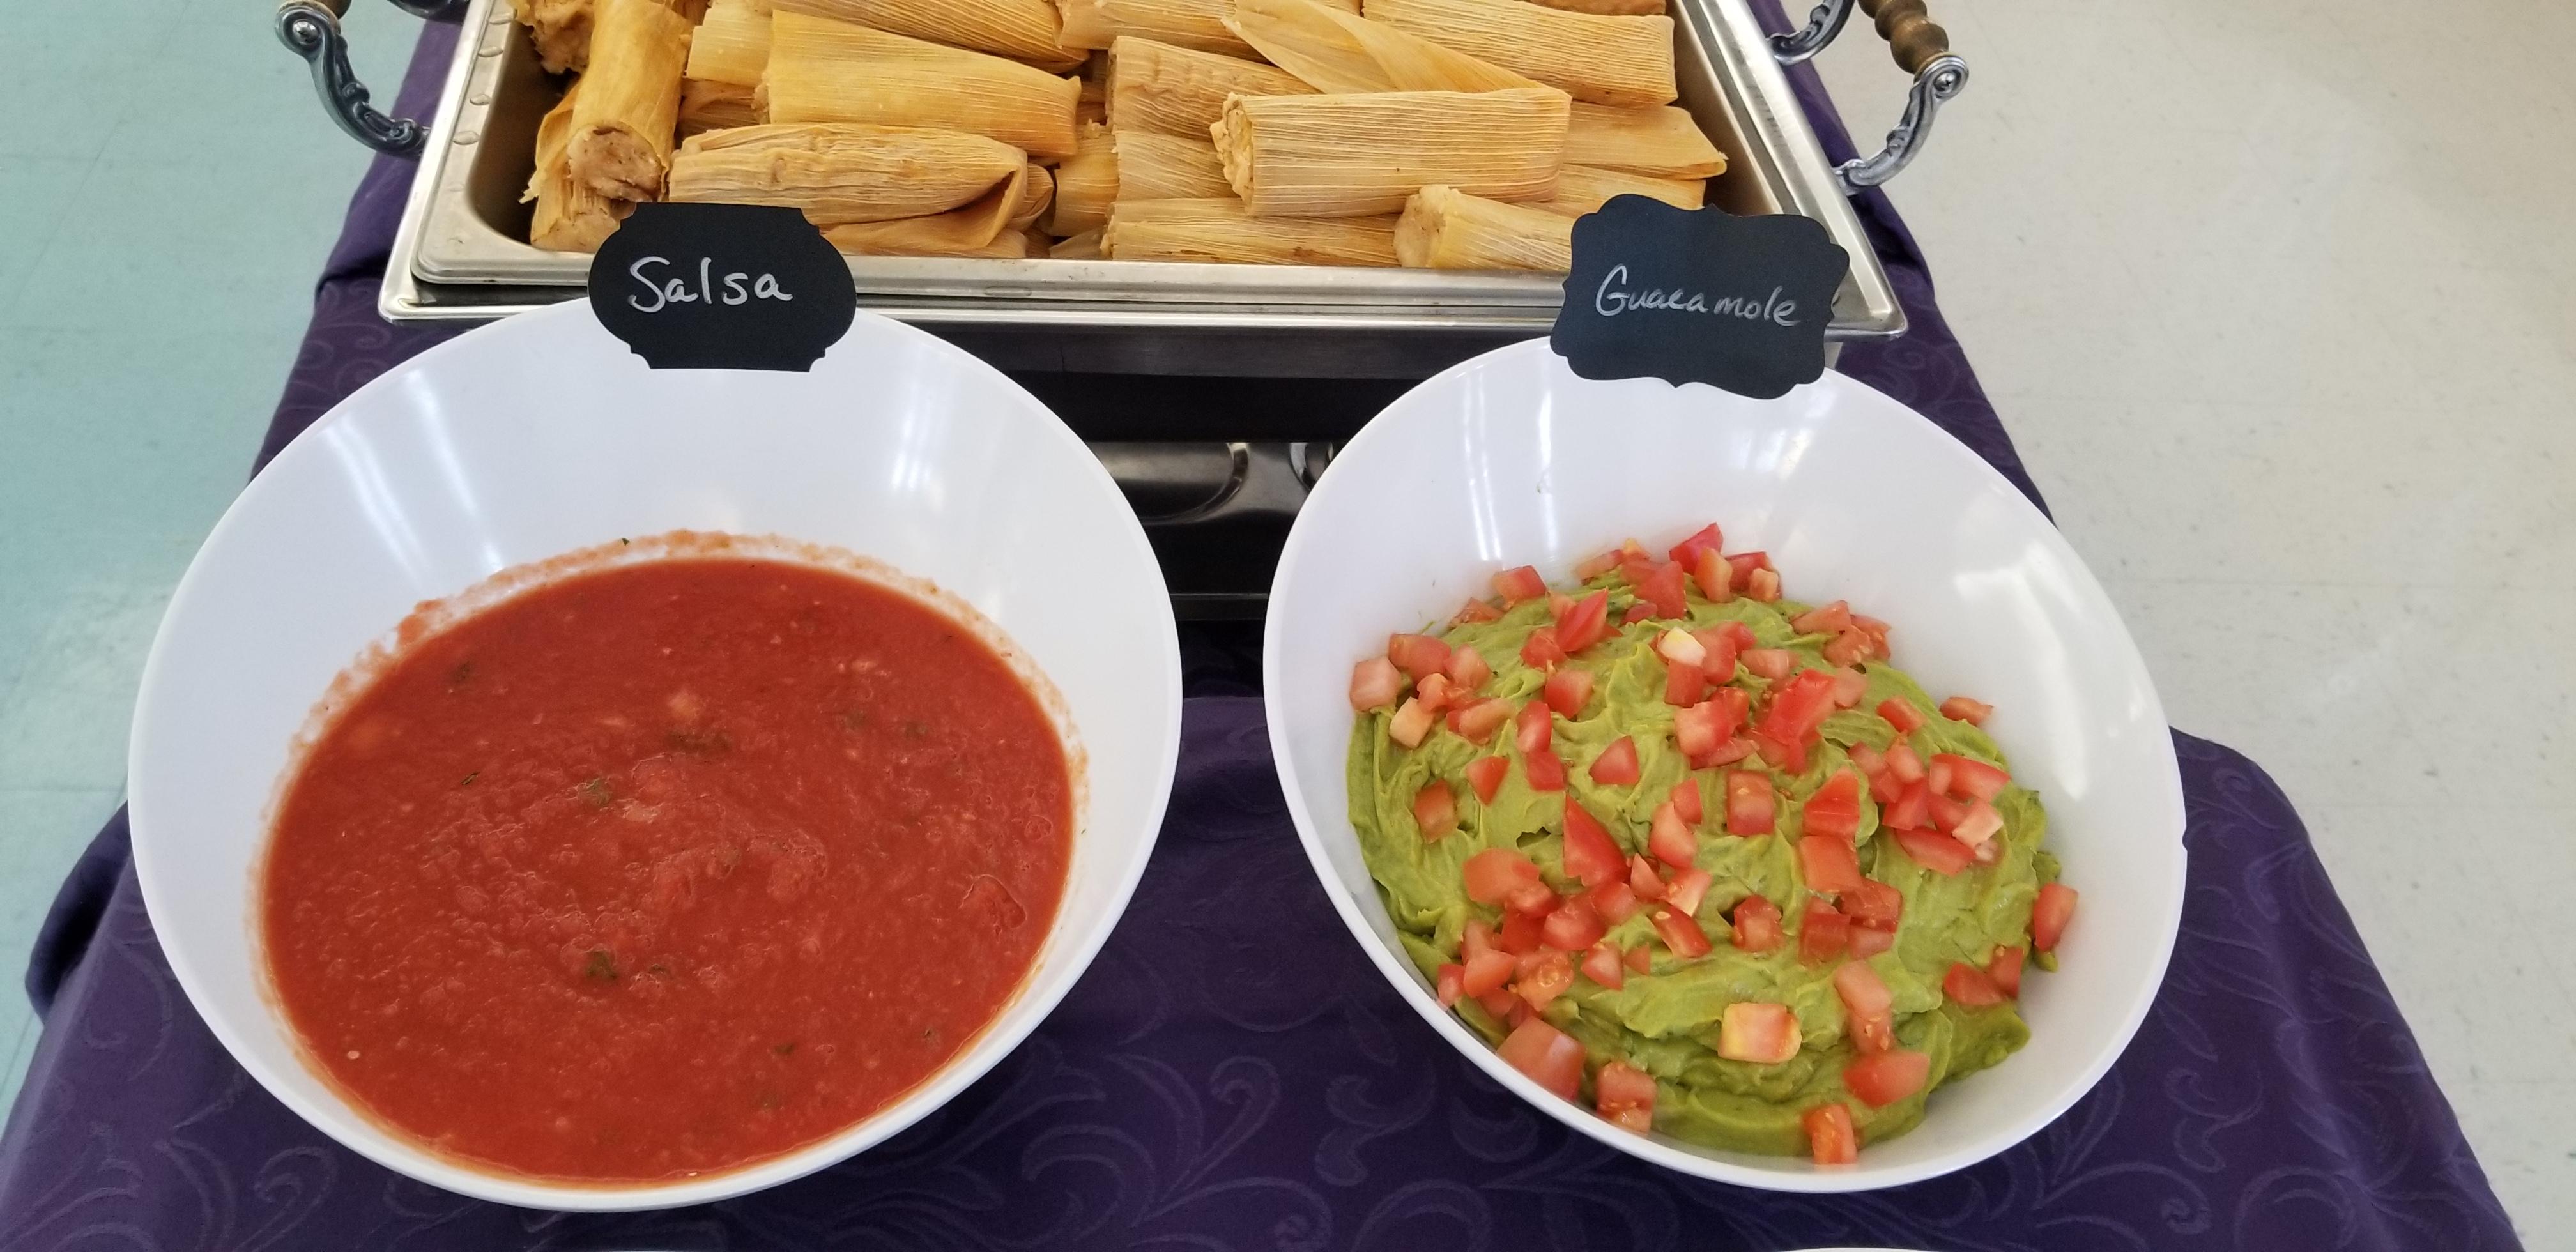 Tamale and salsa bar